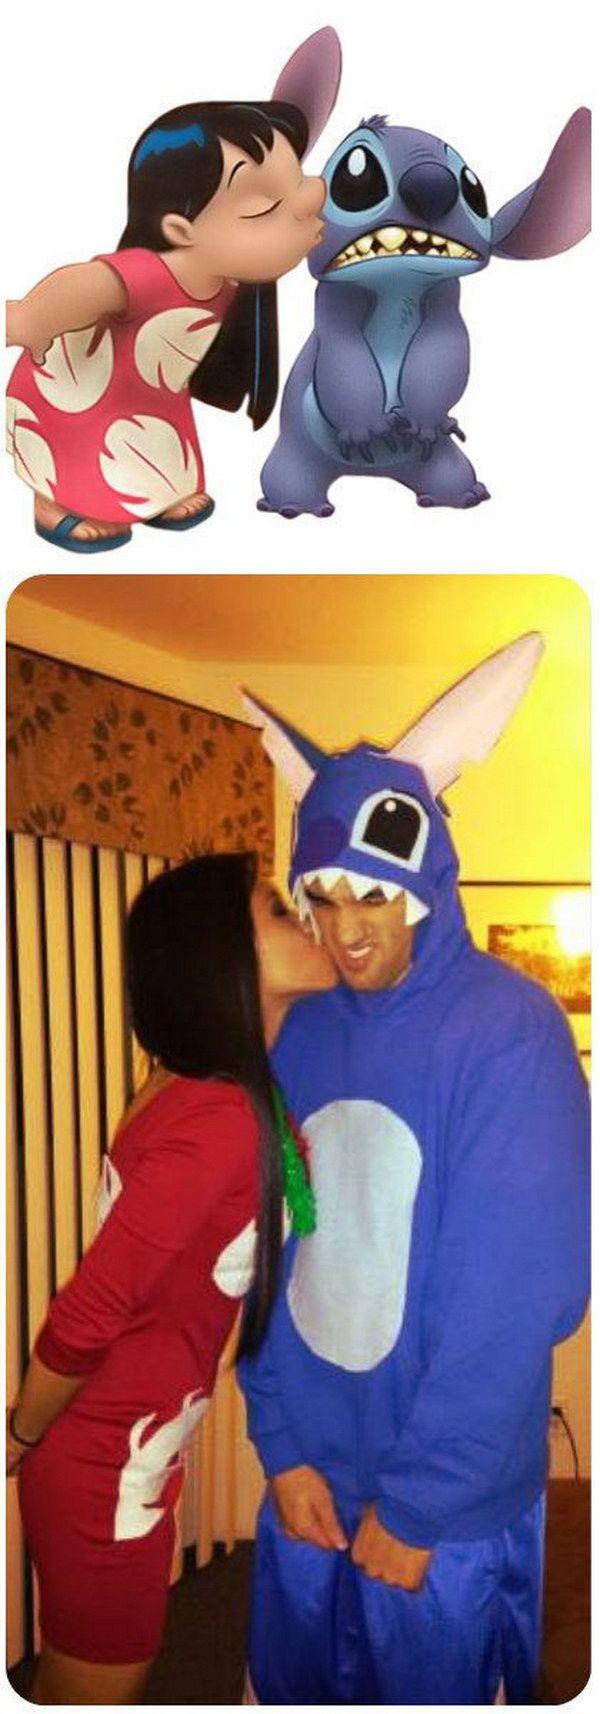 60 Couple's Halloween Costume Ideas